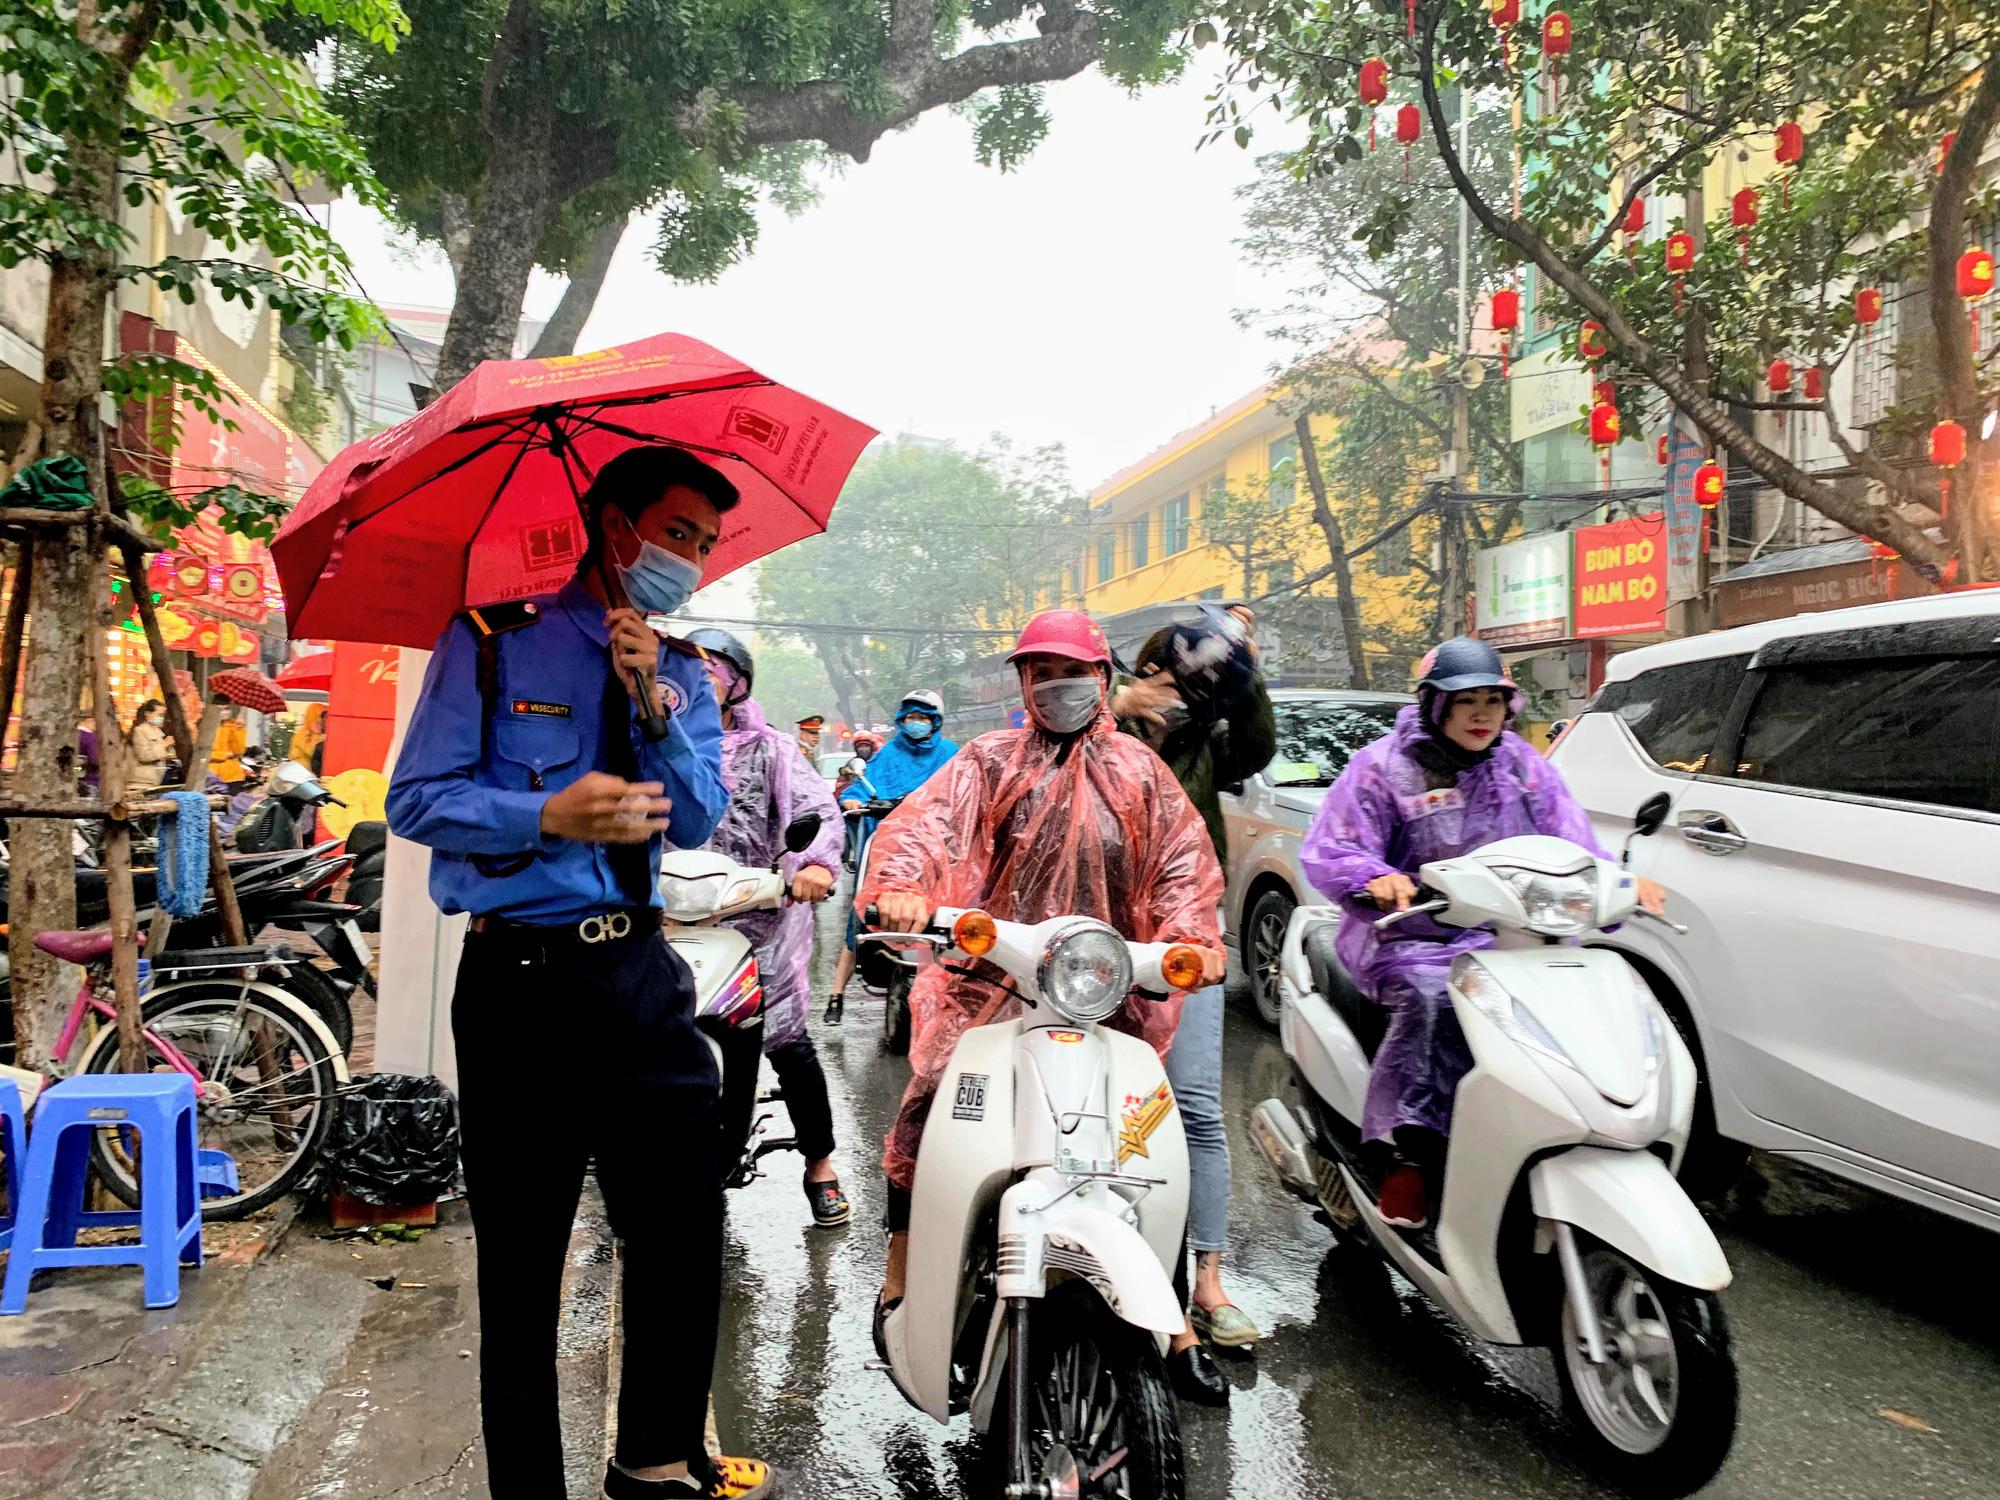 Giữa tâm dịch corona, bay từ Sài Gòn ra Hà Nội, đội mưa để đi mua vàng trong ngày Vía thần Tài - Ảnh 7.